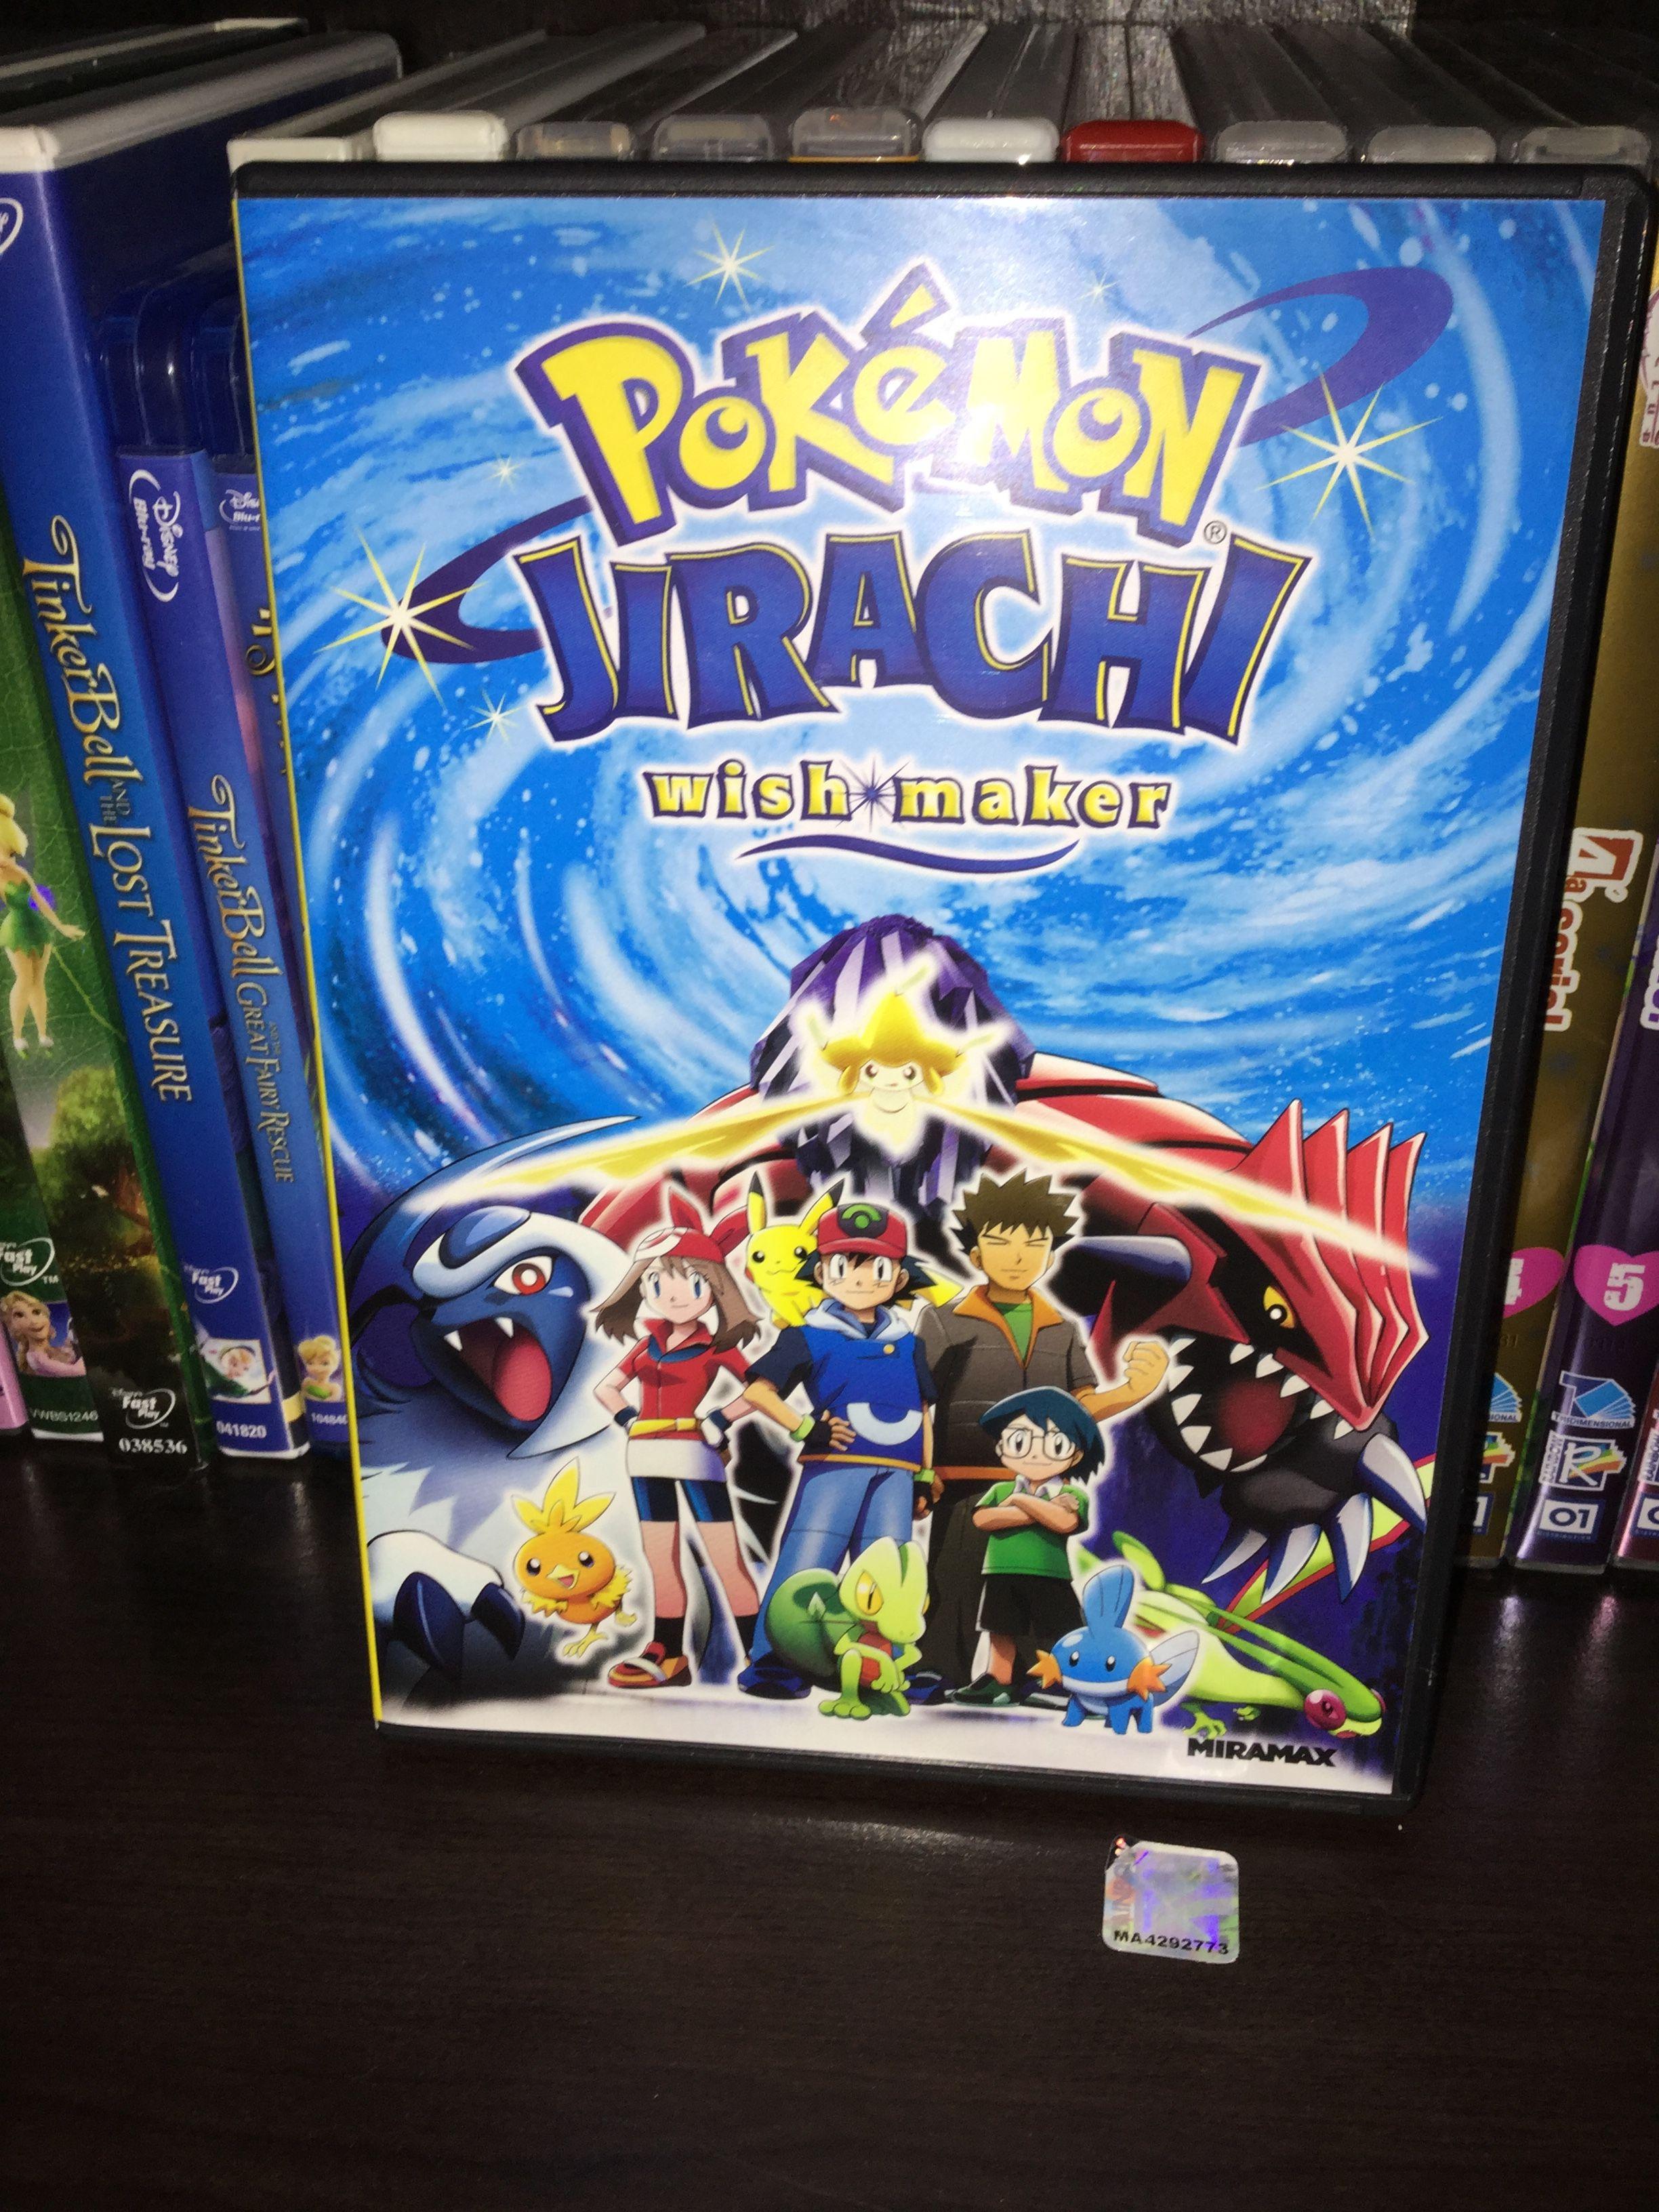 pokemon the movie 6: jirachi wish maker (2003) (2014 miramax